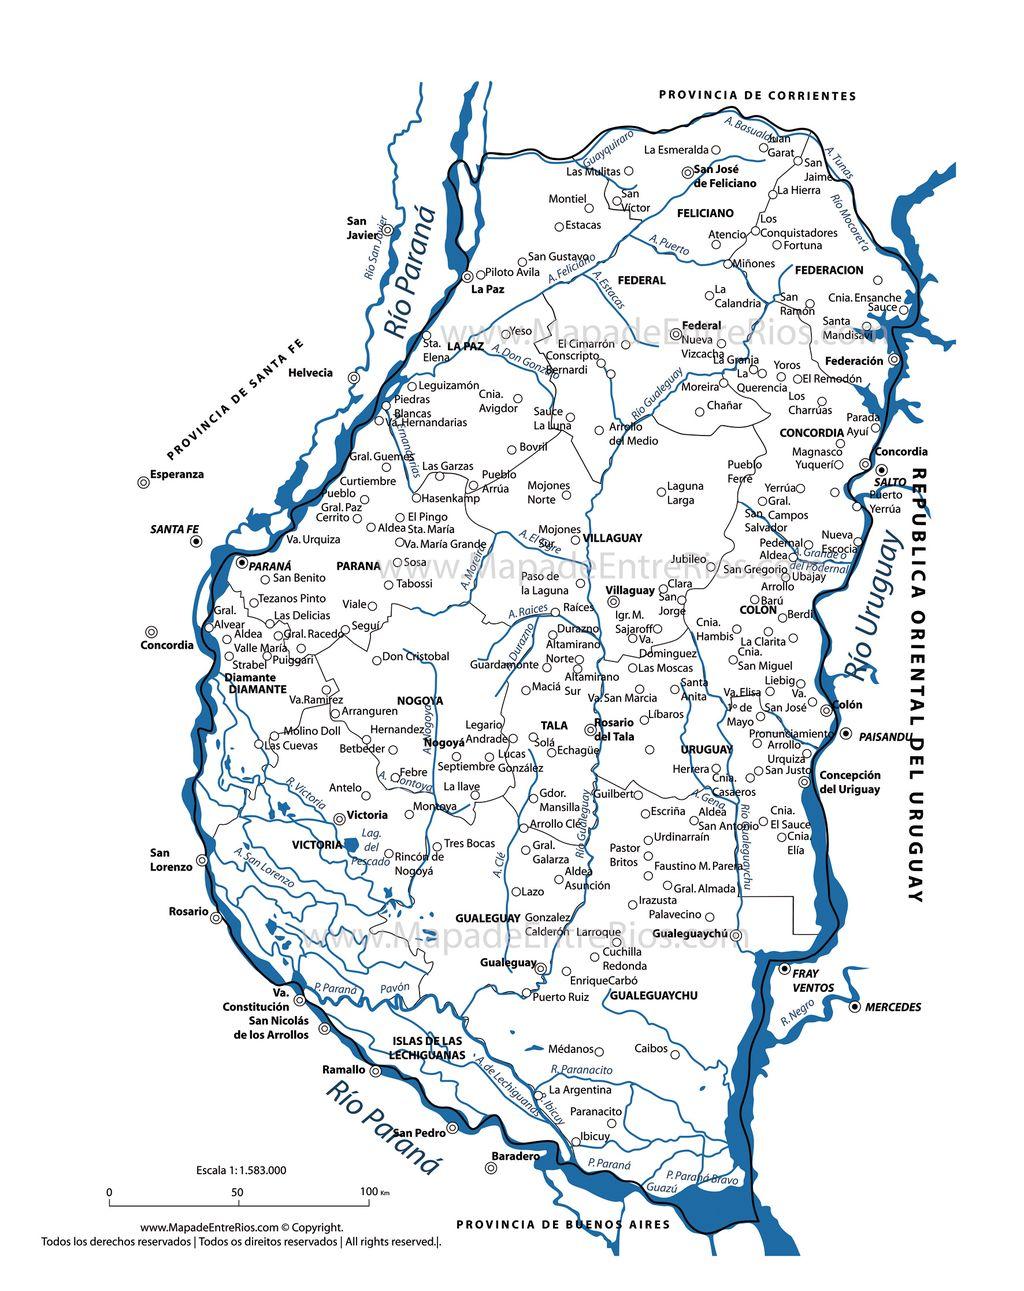 Mapa Hidrogr?fico de Entre Rios